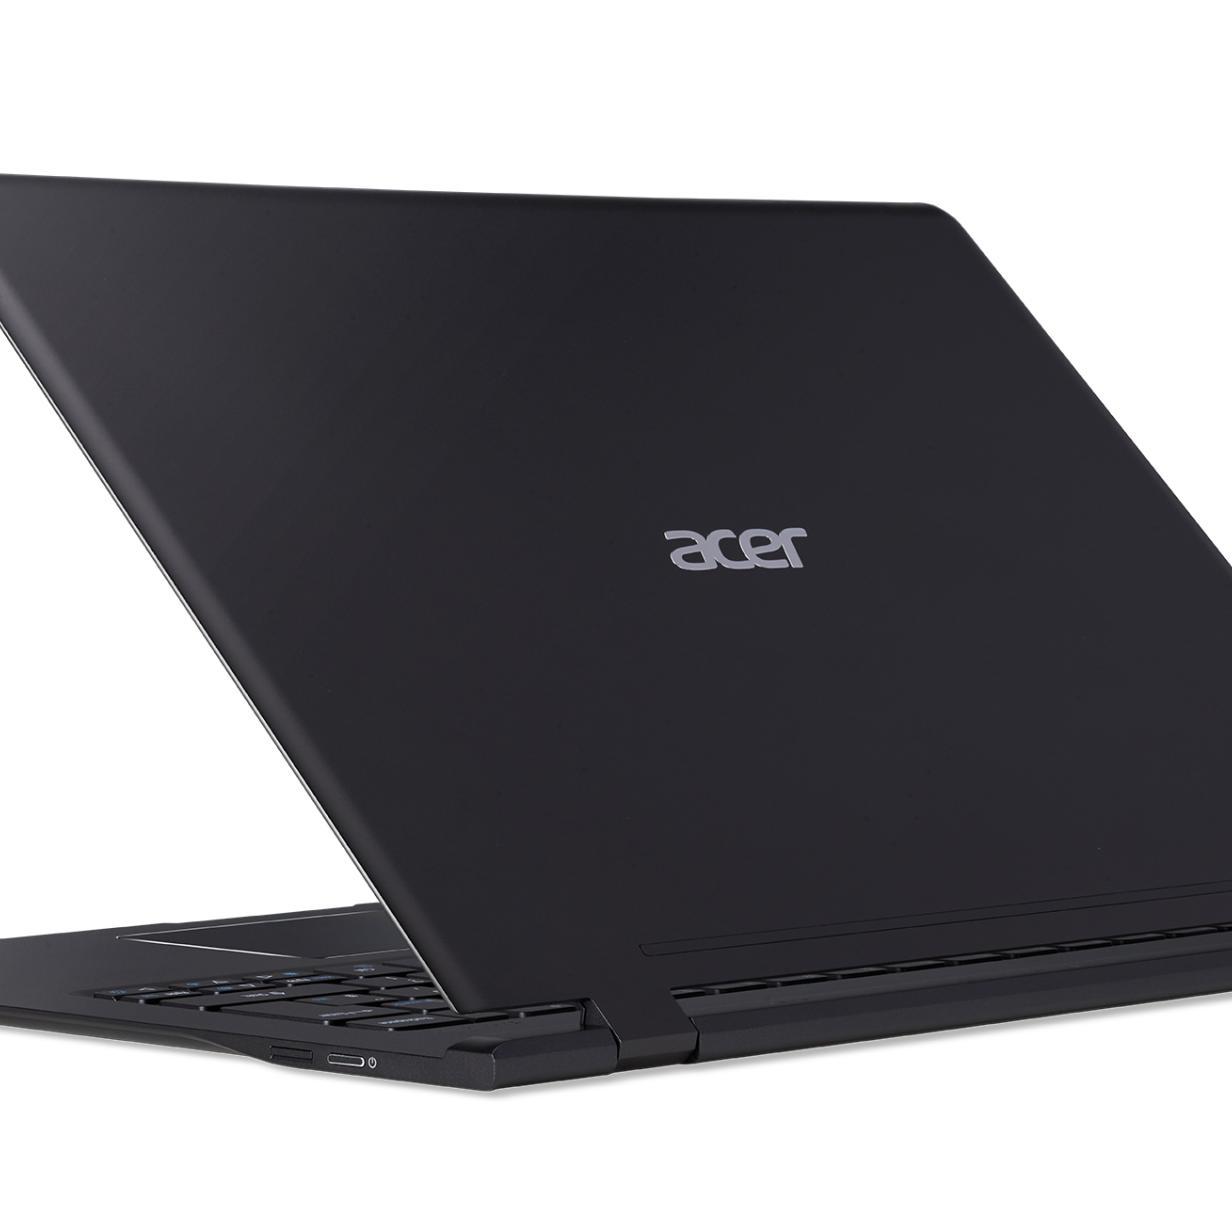 Acer bringt dünnsten Laptop der Welt